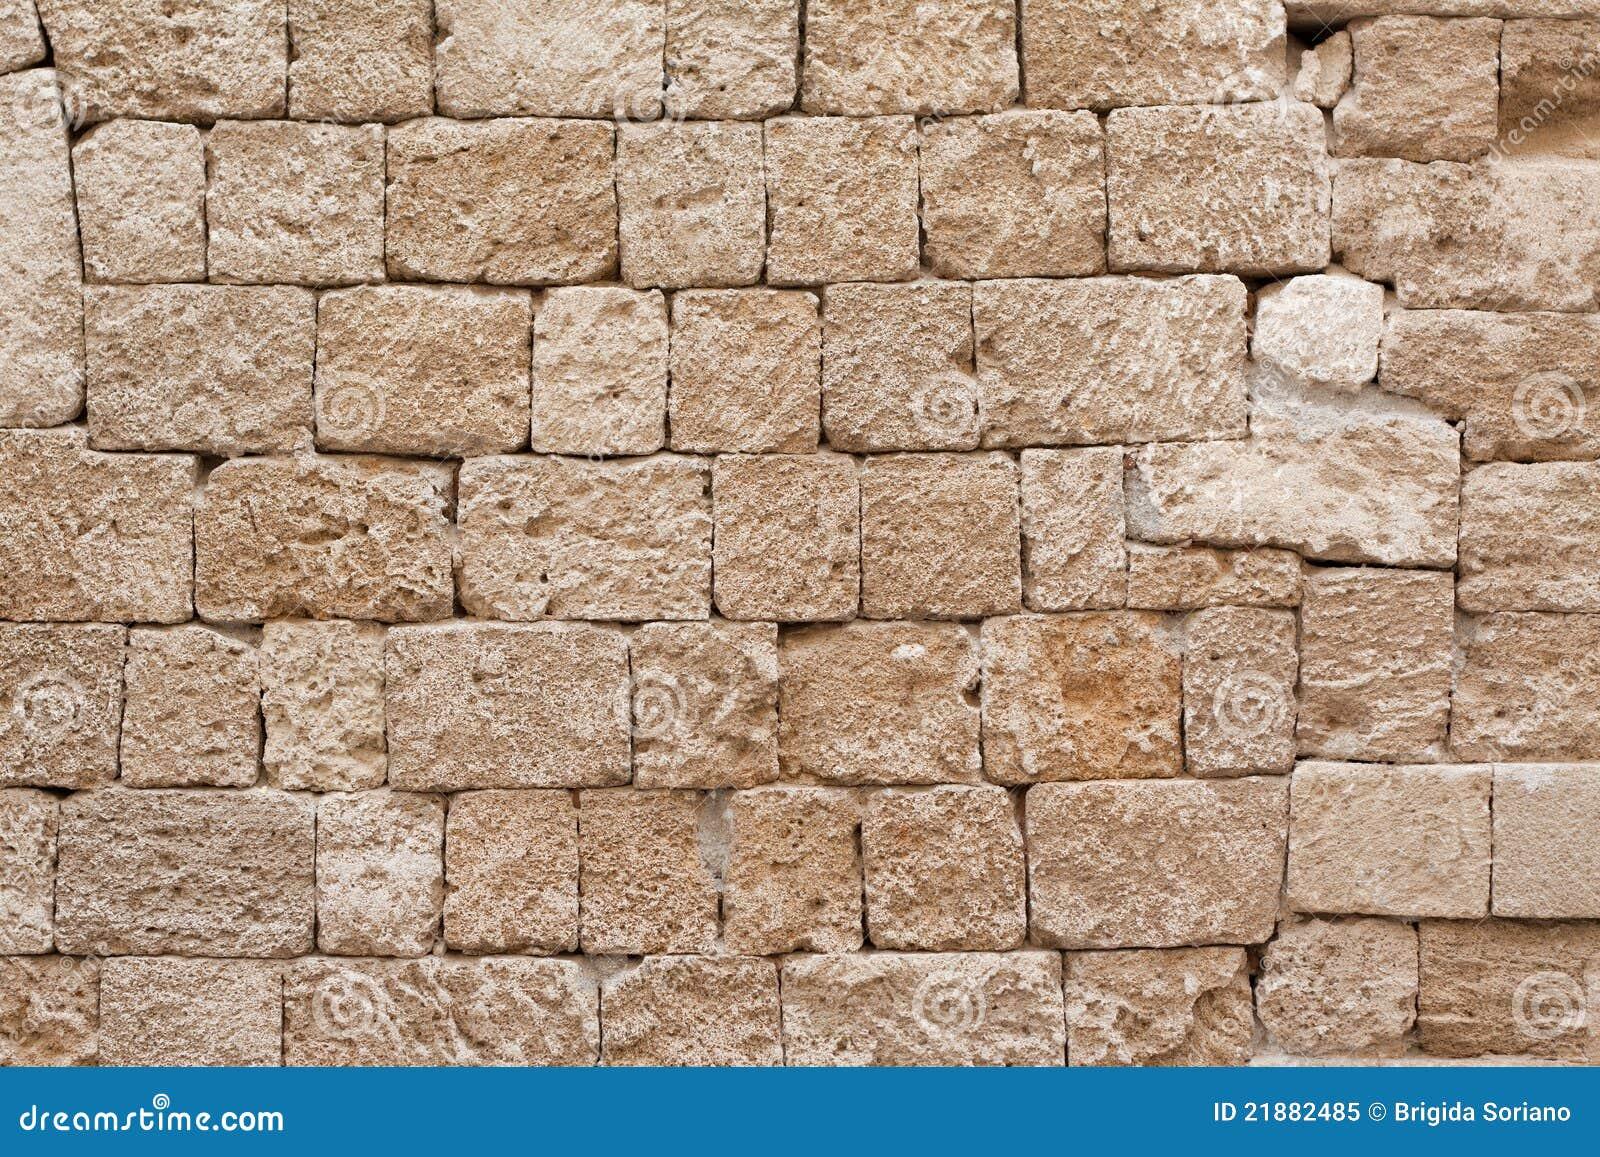 Fachada de piedra medieval foto de archivo libre de - Piedras para fachada ...